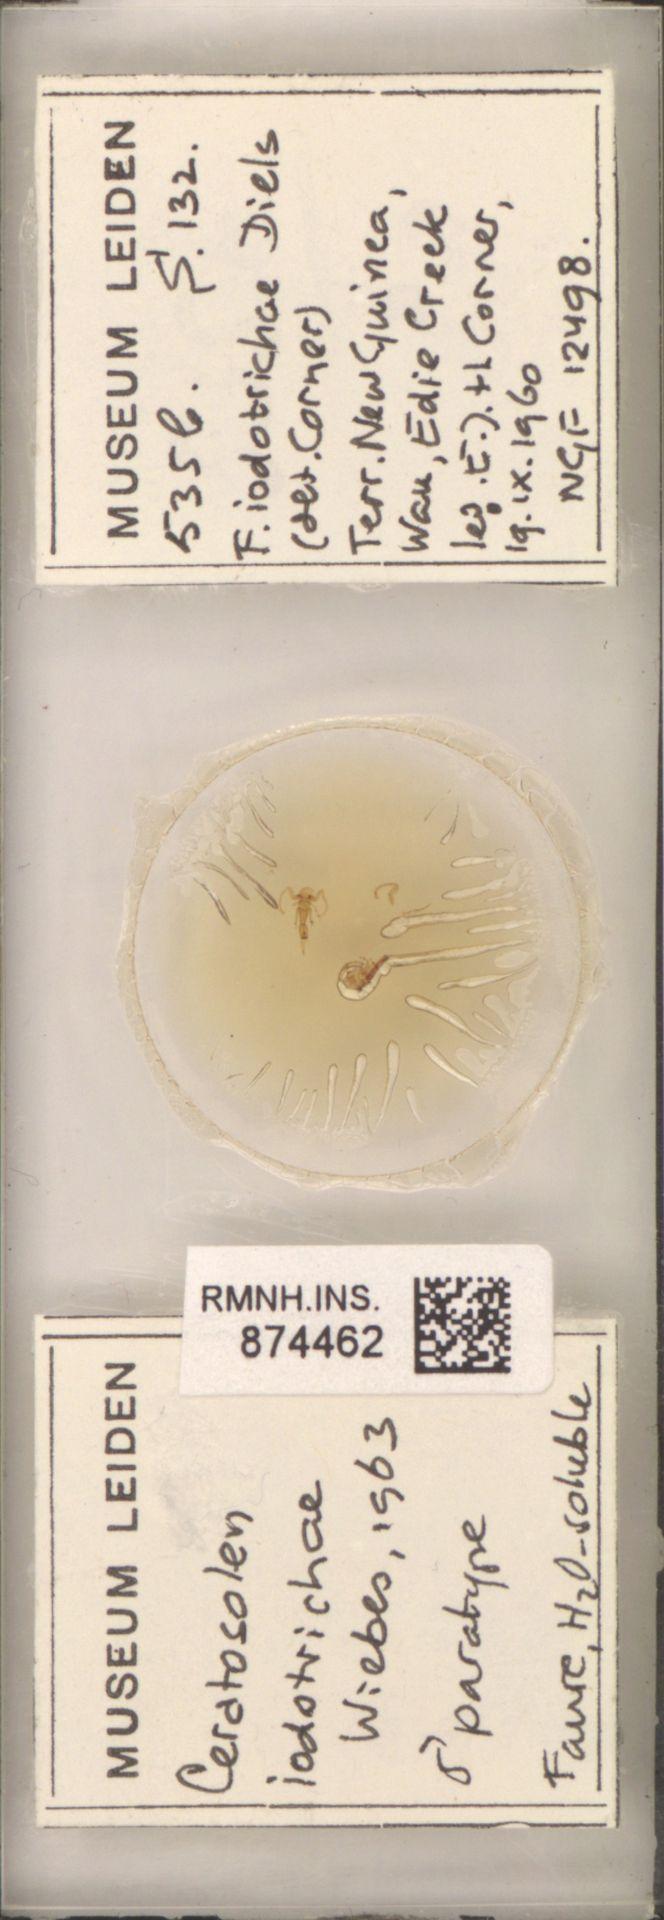 RMNH.INS.874462 | Ceratosolen iodotrichae Wiebes, 1963